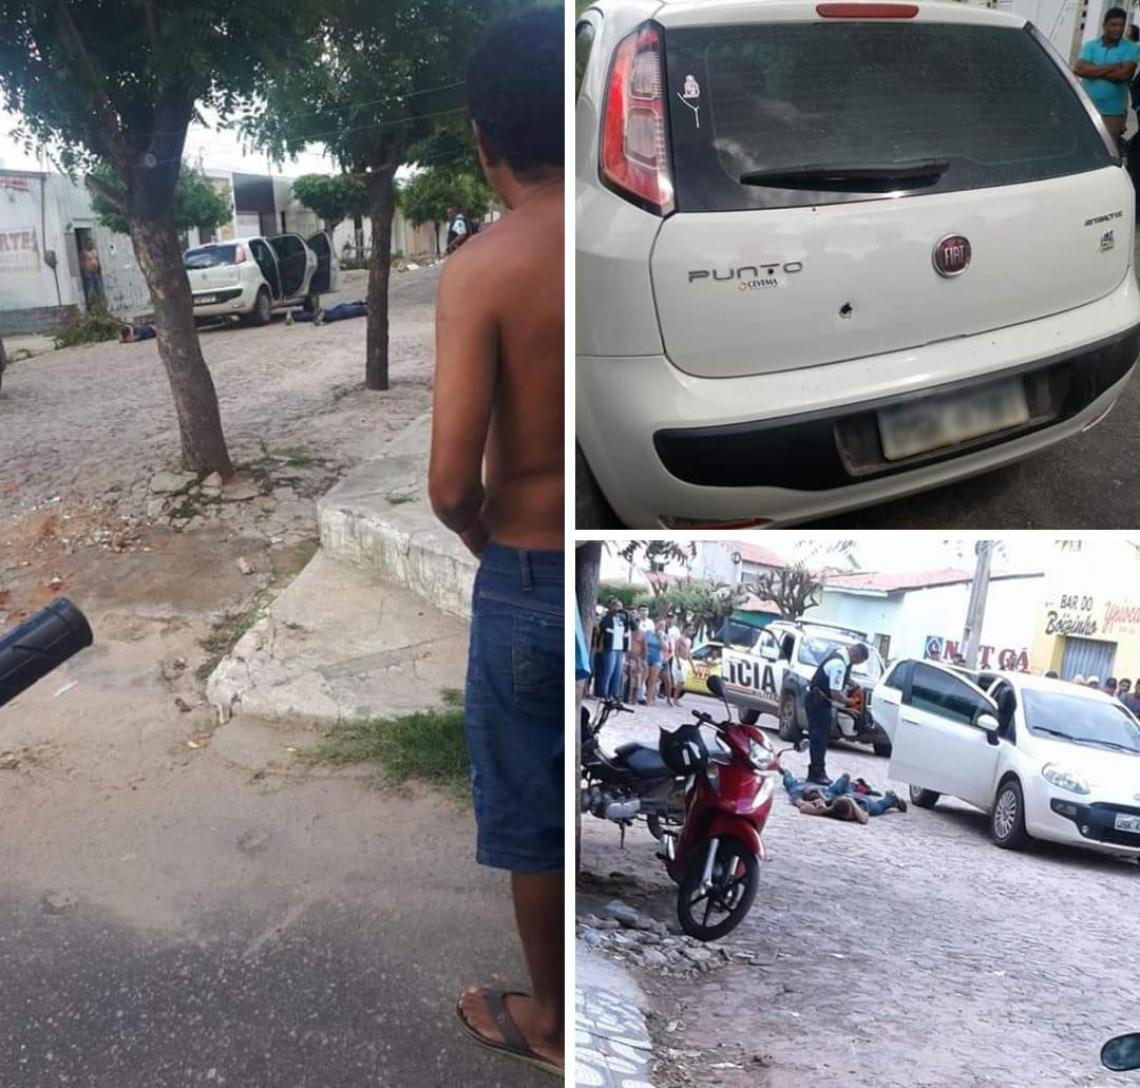 Os suspeitos ainda chegaram a abordar uma mulher, em tentativa de roubo ao veículo dela, um Fiat Punto, mas foram contidos pelos policiais